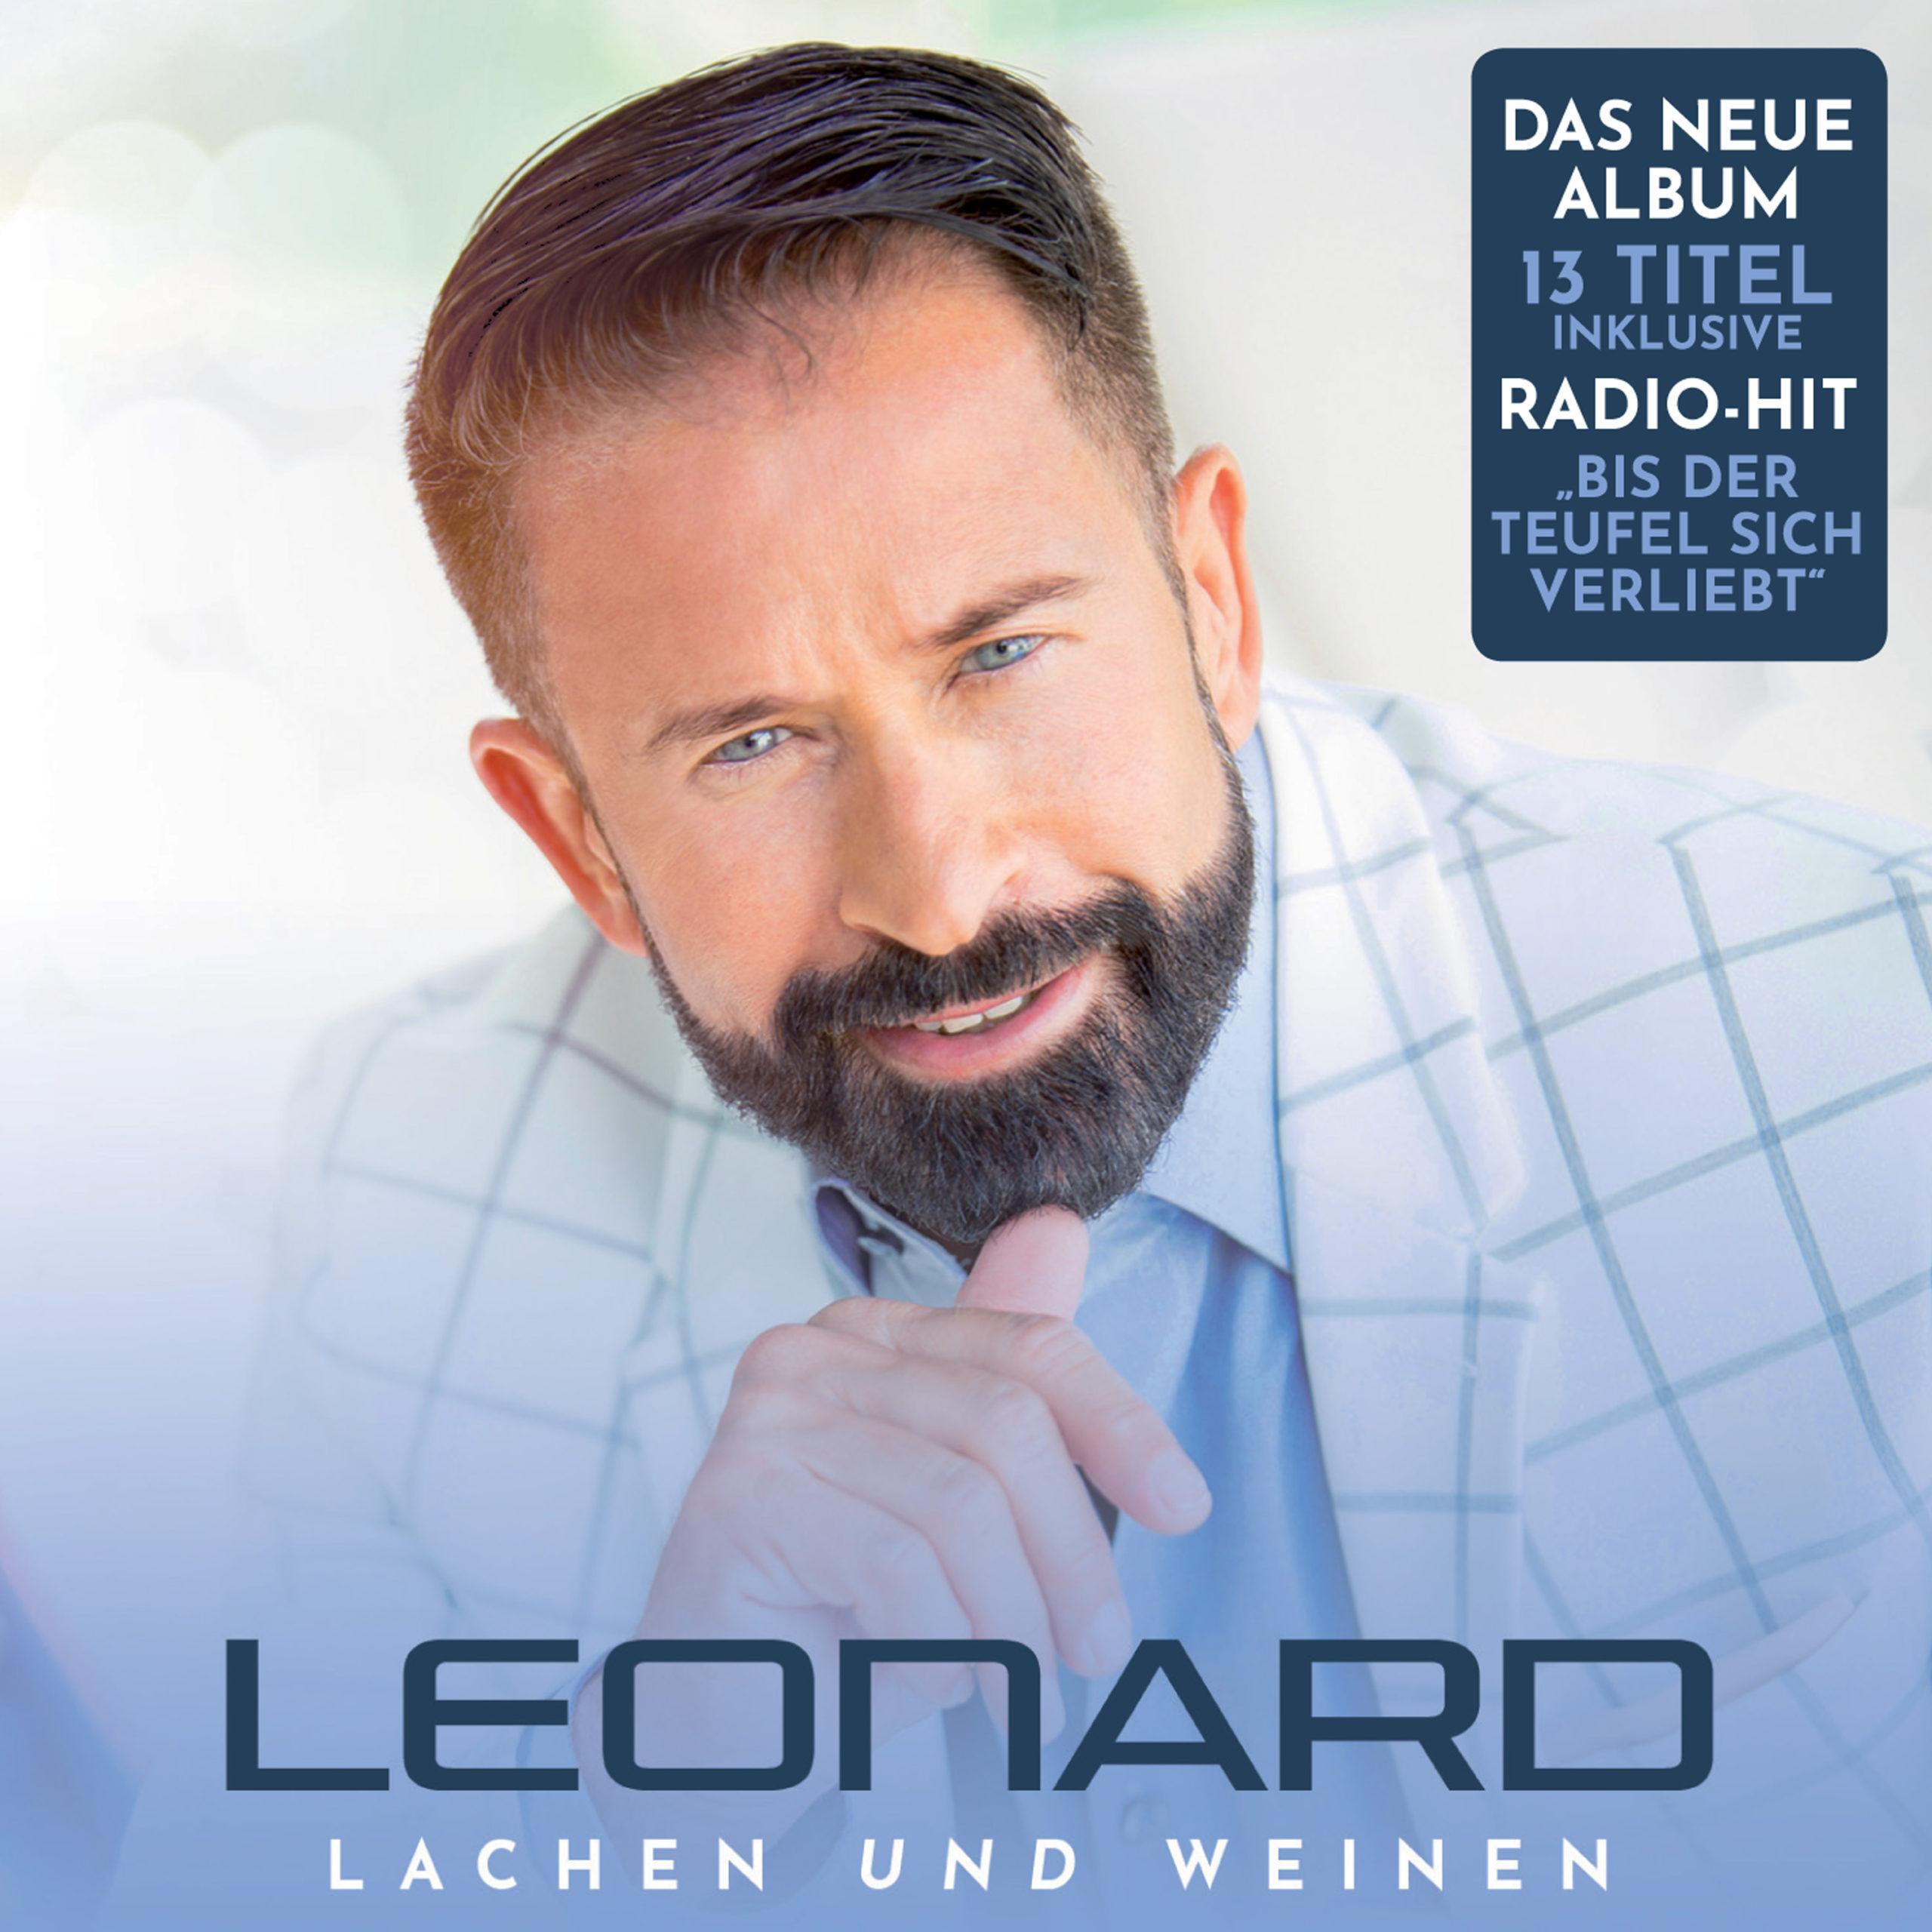 Leonard - Lachen und Weinen (2021)